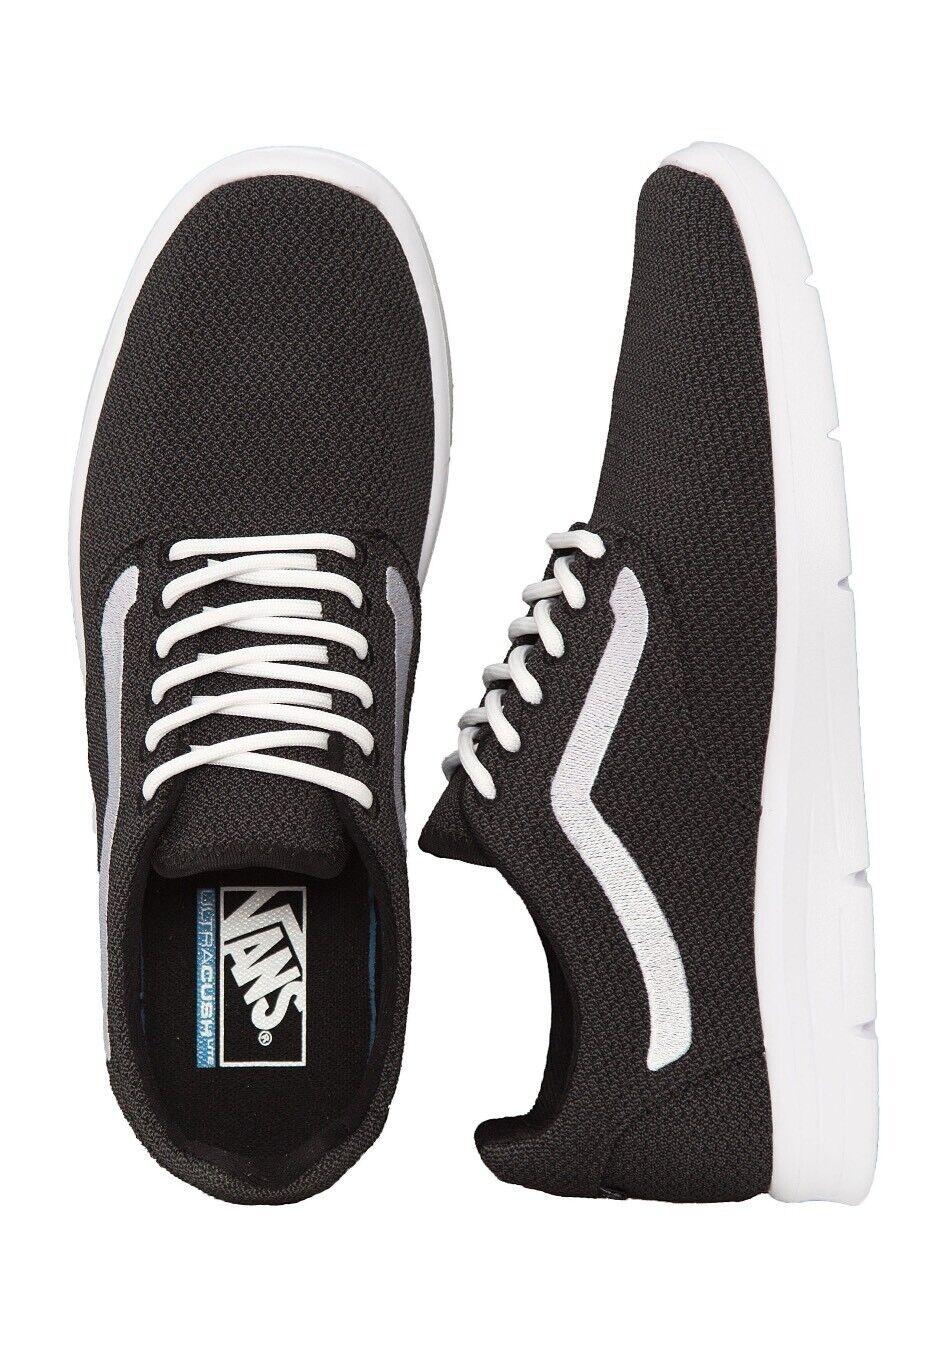 Vans off the Wall ISO 1.5 Negro blancoo Verdadero Zapatos para hombre 13 Zapatillas